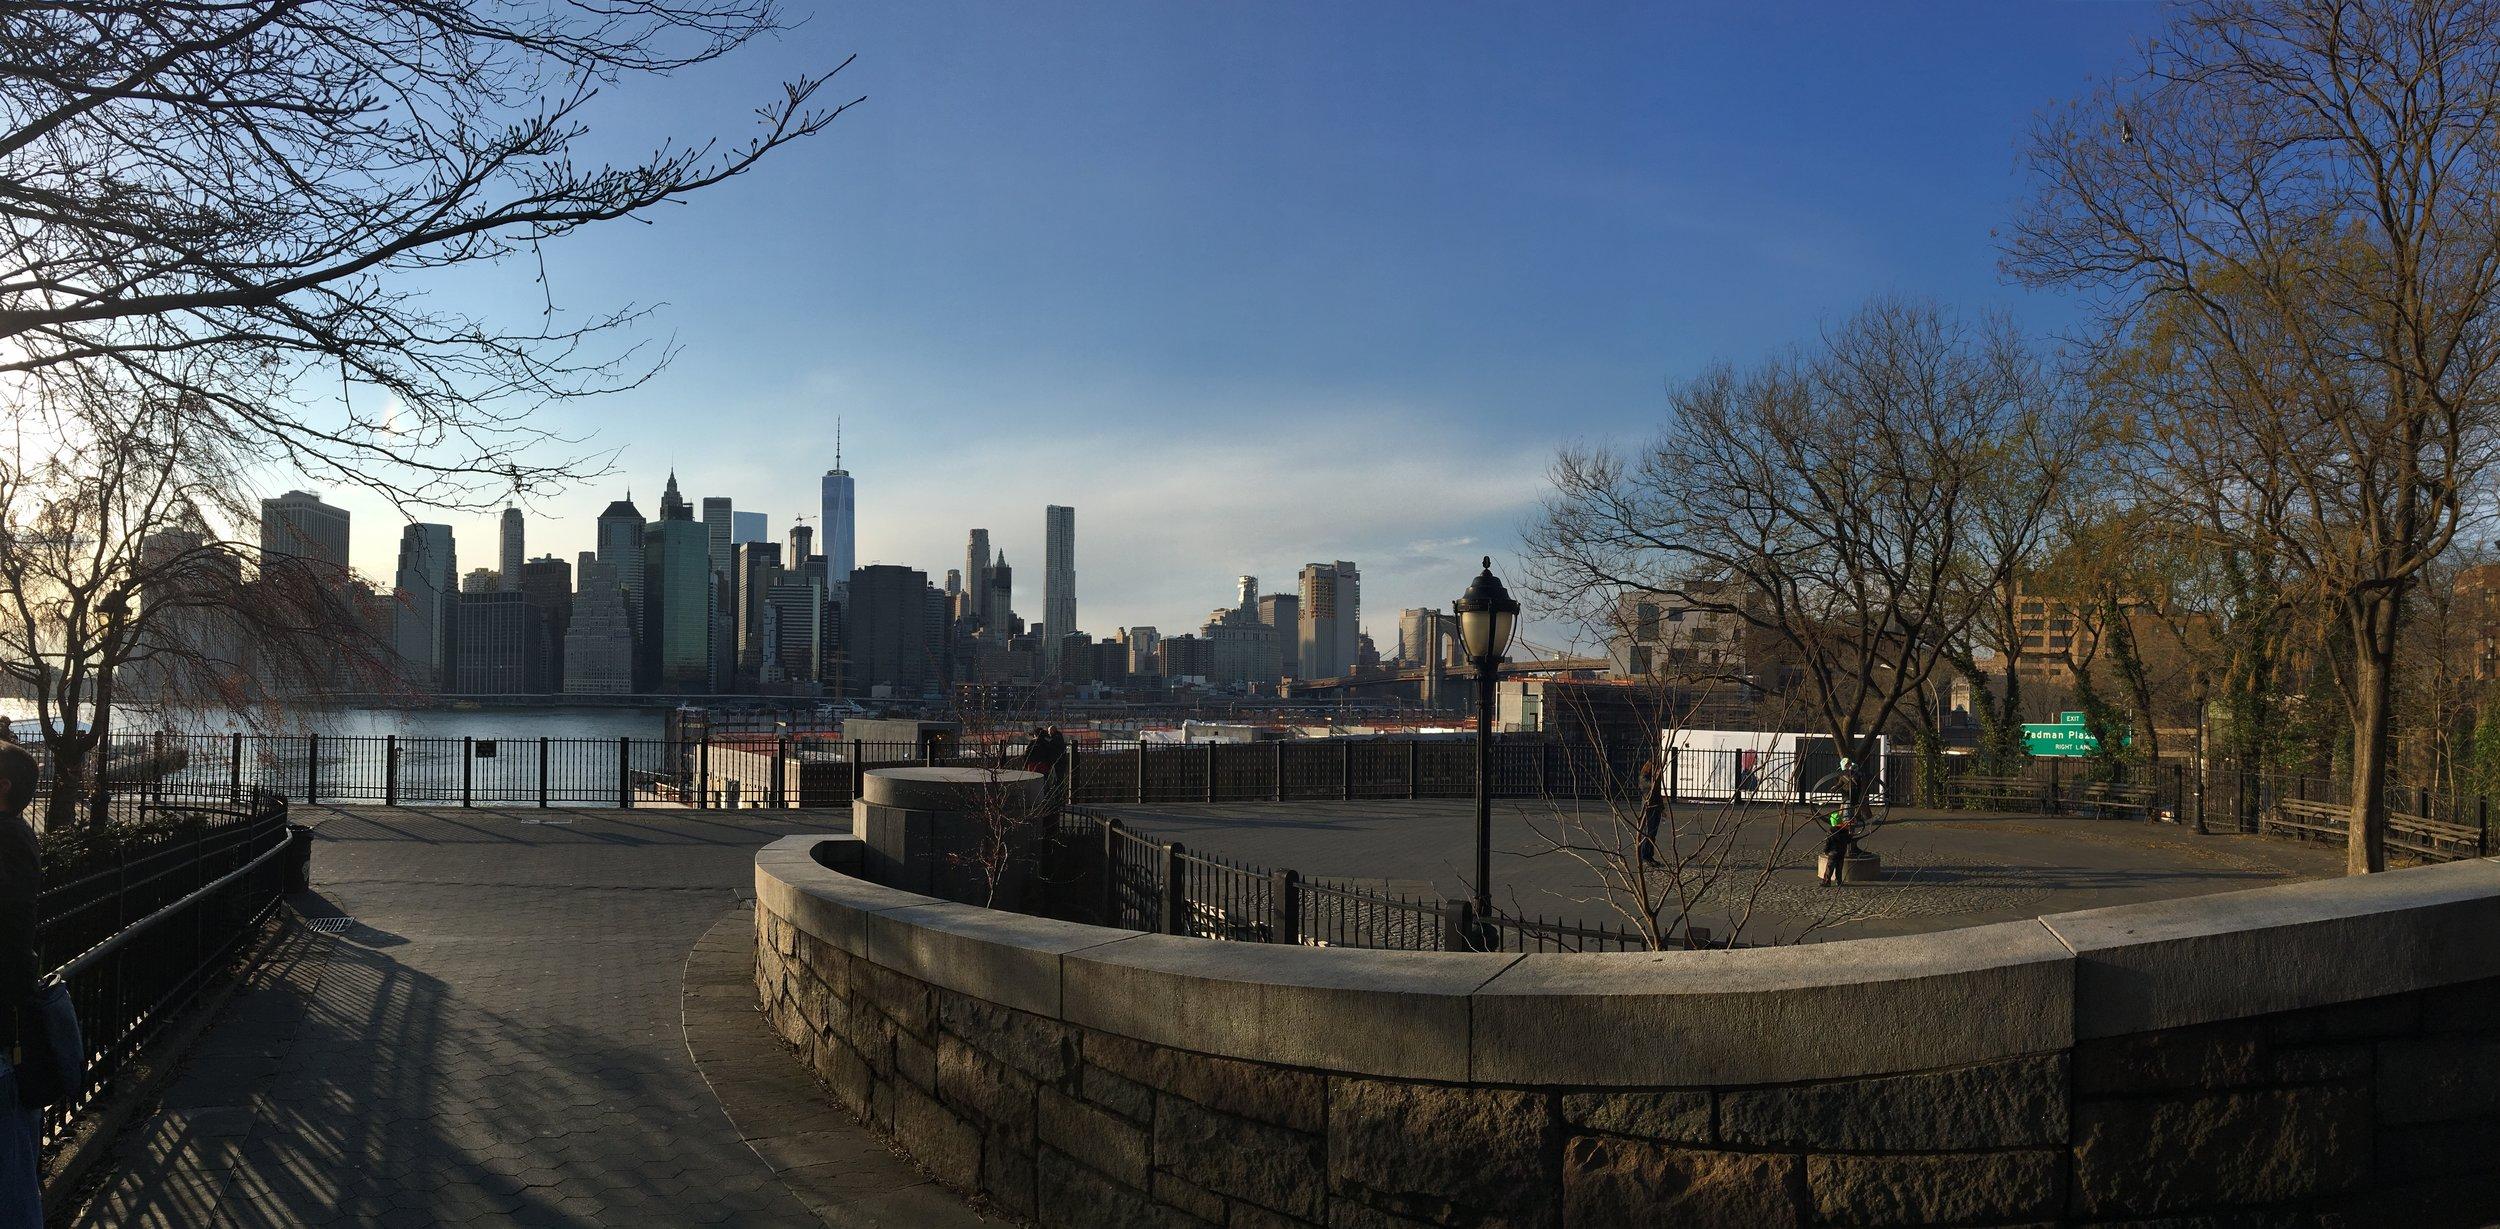 Brooklyn Heights Promenade. Must see also.  冬のプロムナード。イーストリバー越しにマンハッタンのスカイラインが一望できる。